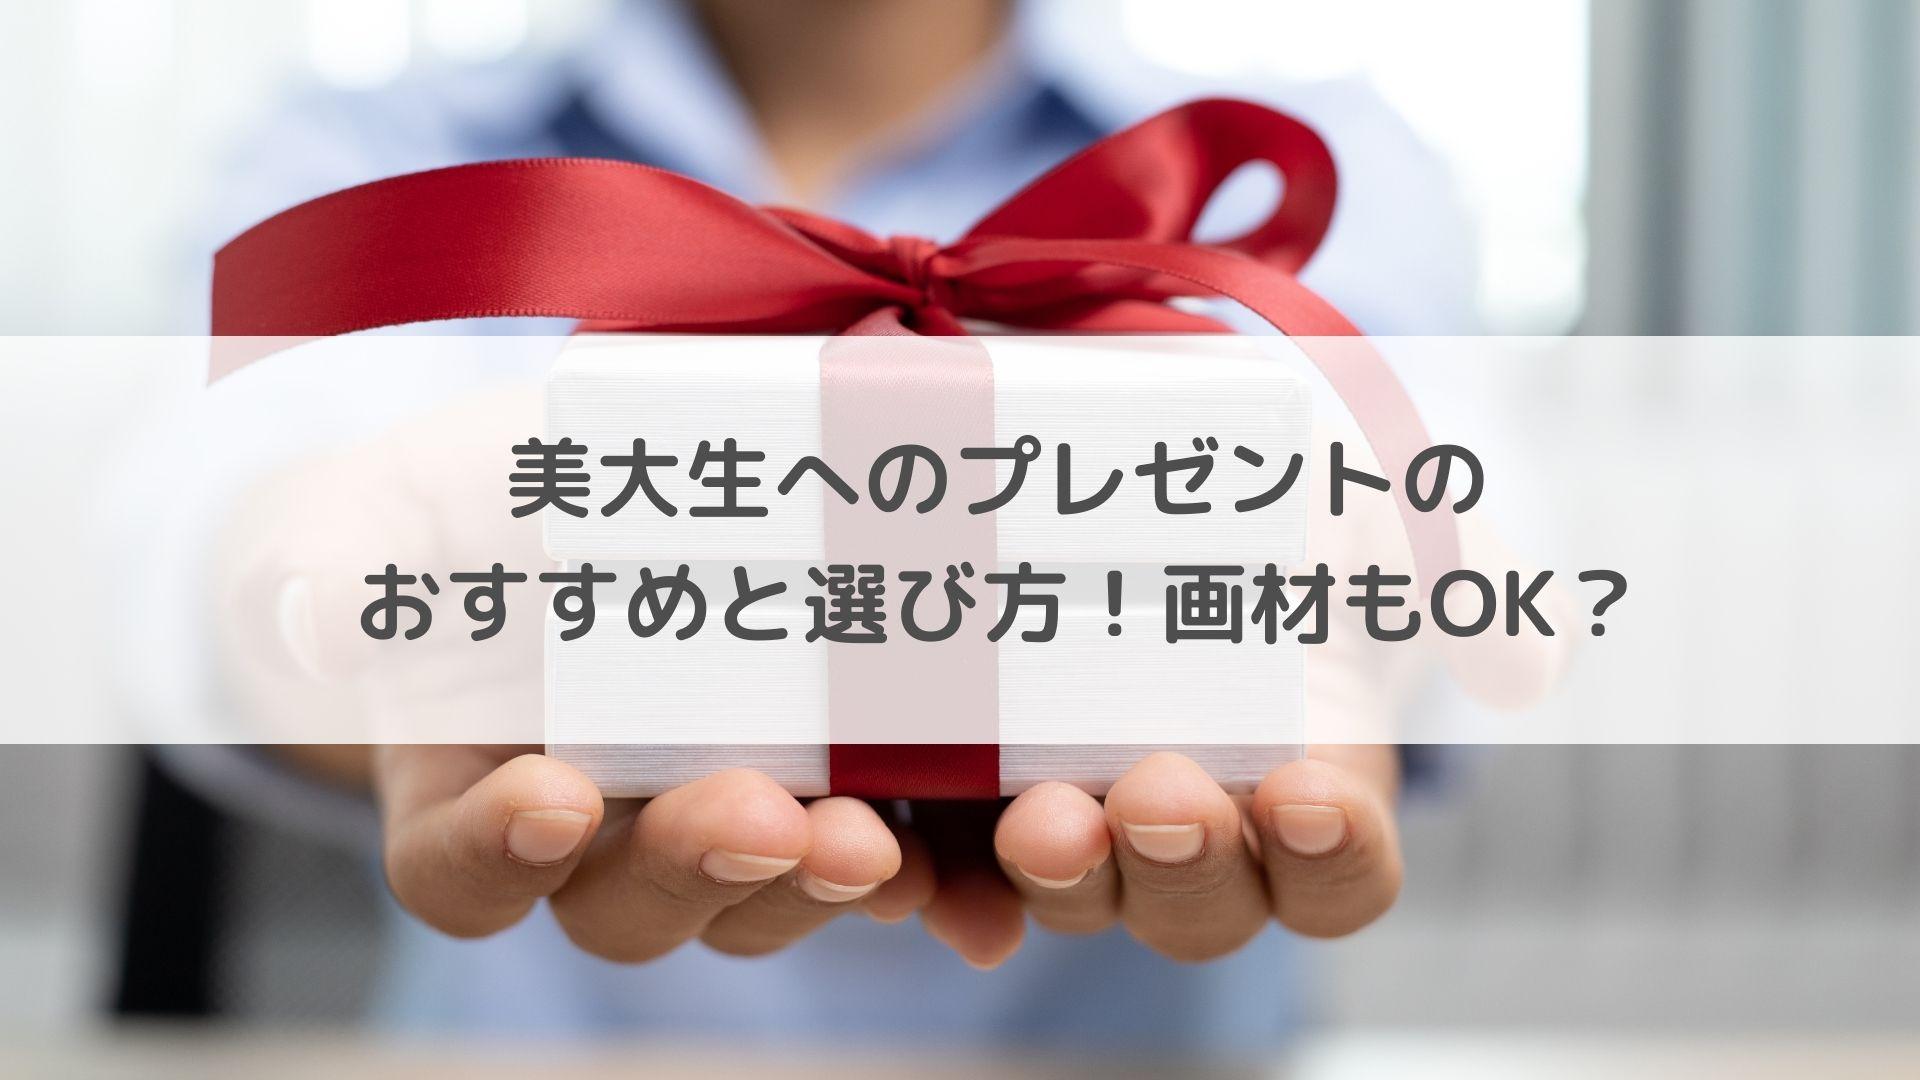 美大生へのプレゼントのおすすめと選び方!画材もOK?